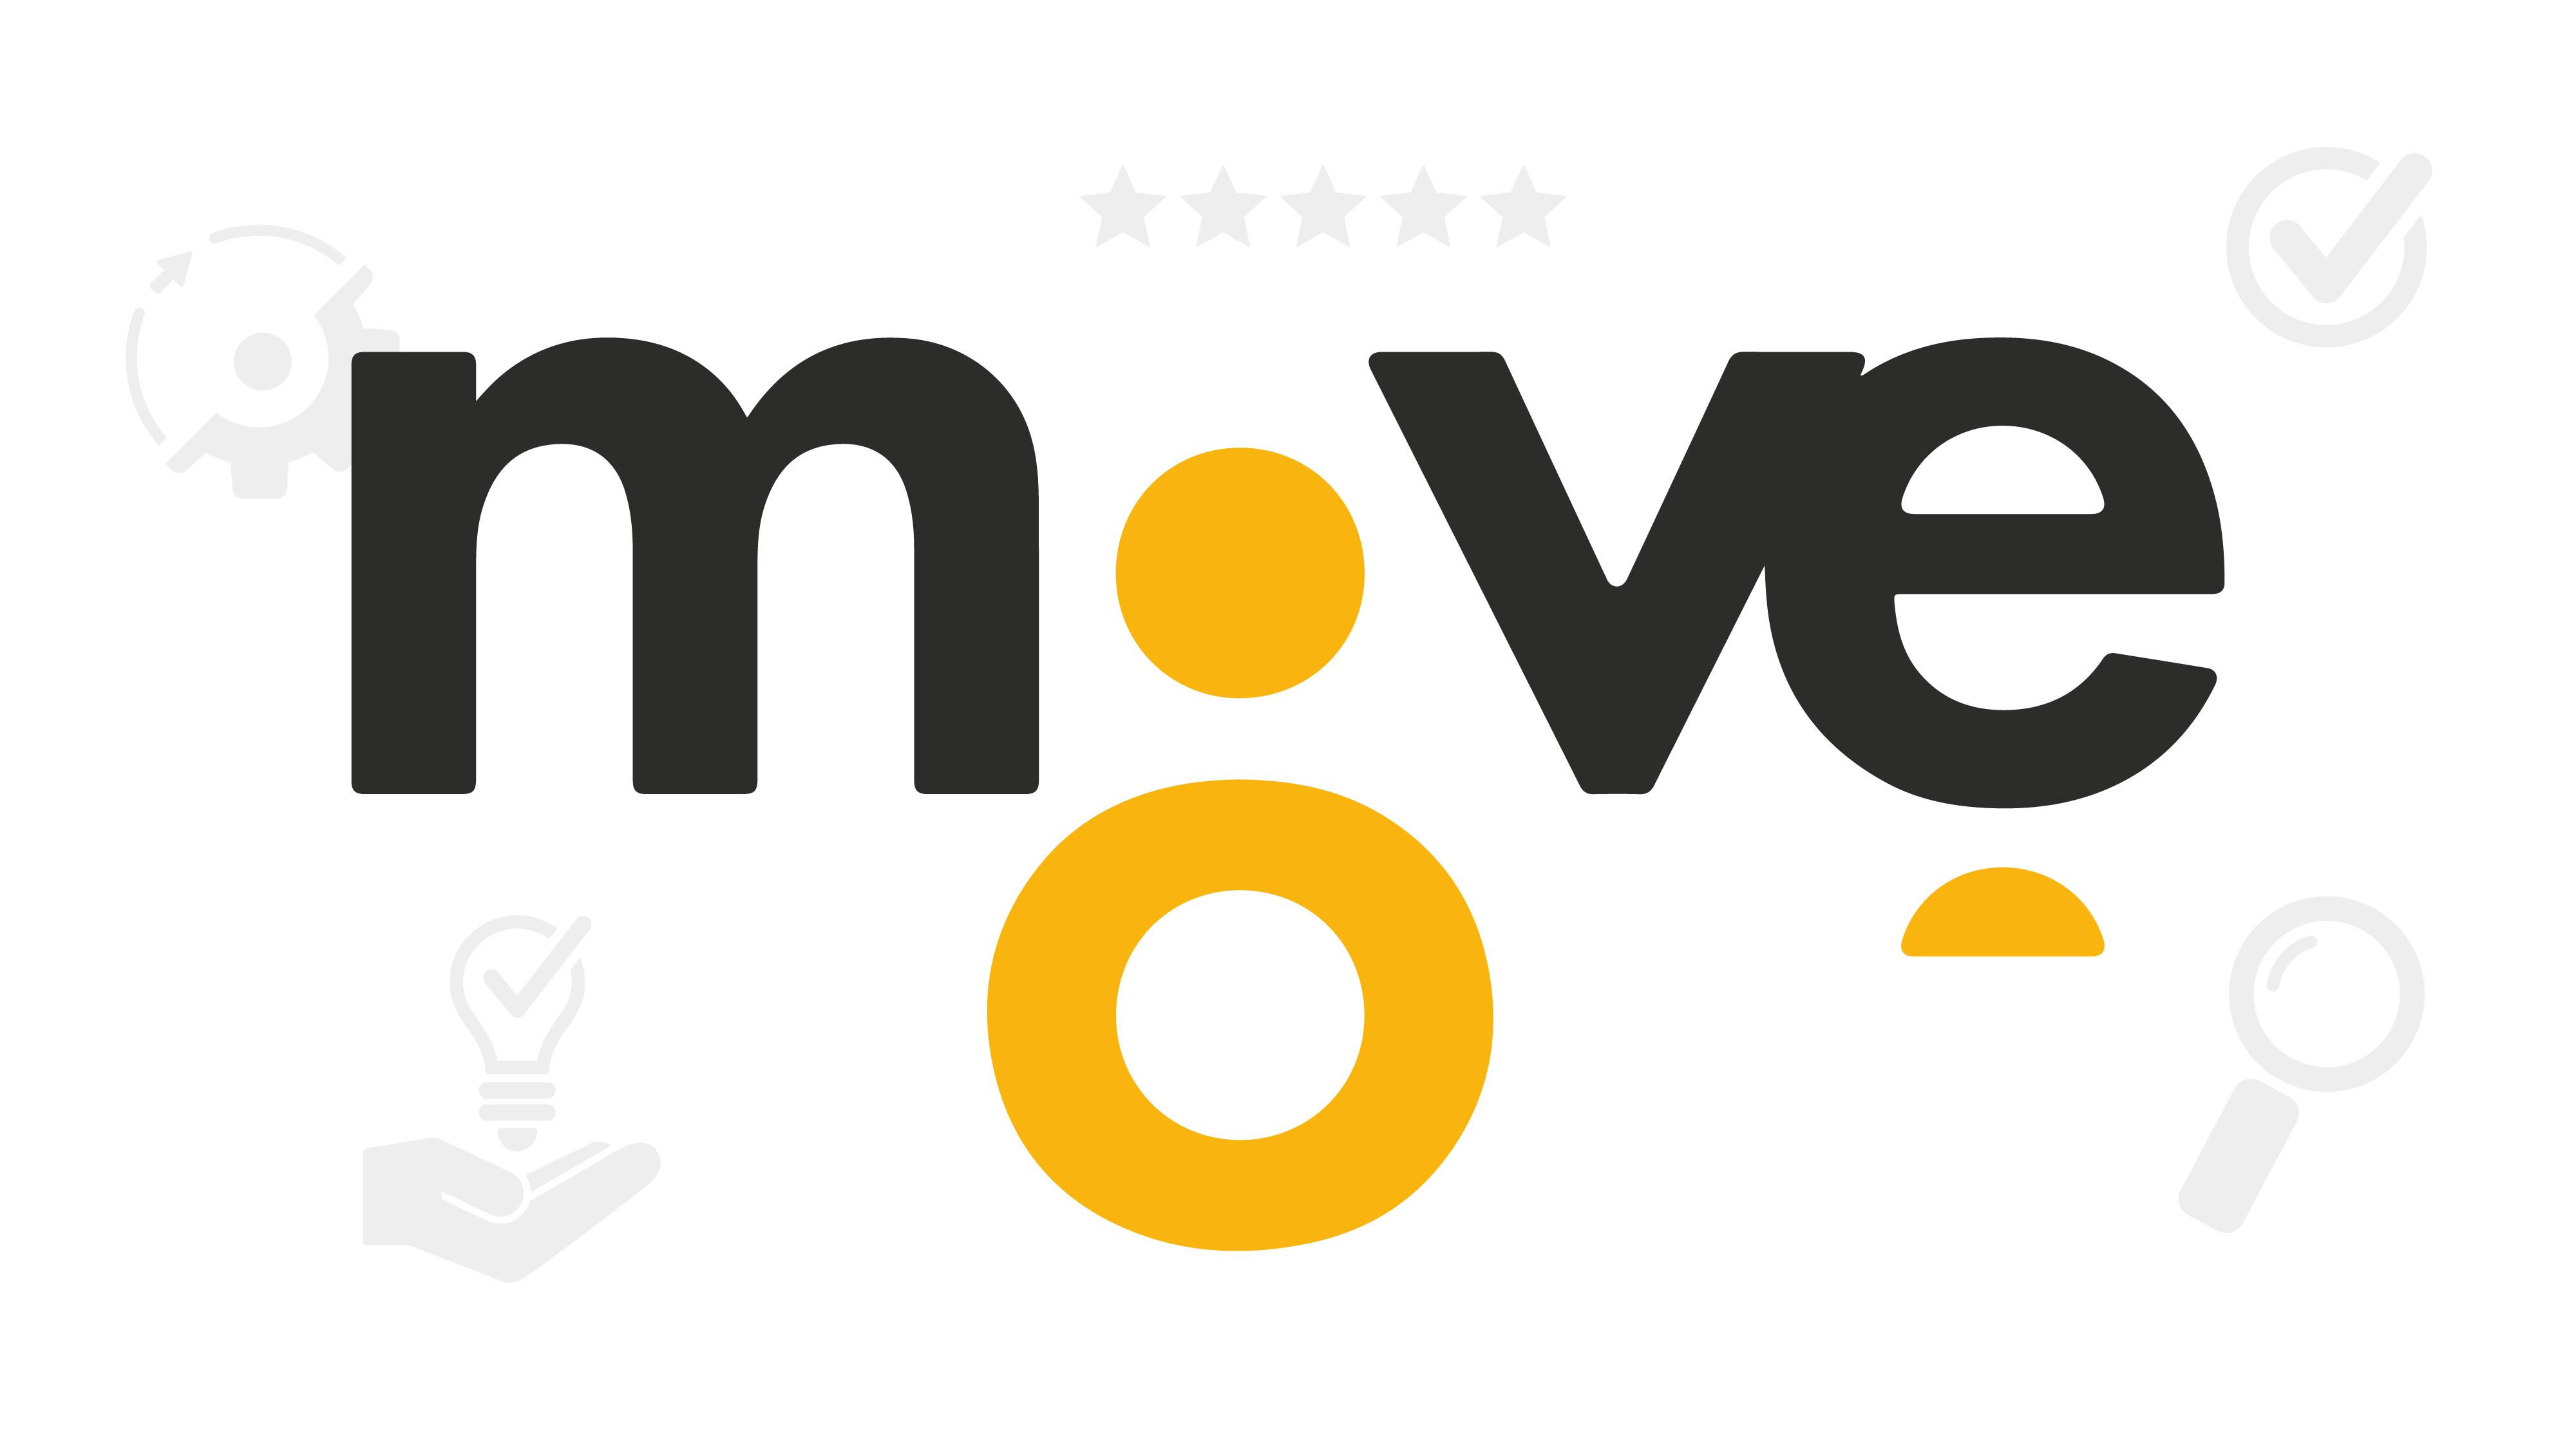 Move avaliacao iniciativas sociais card plataforma